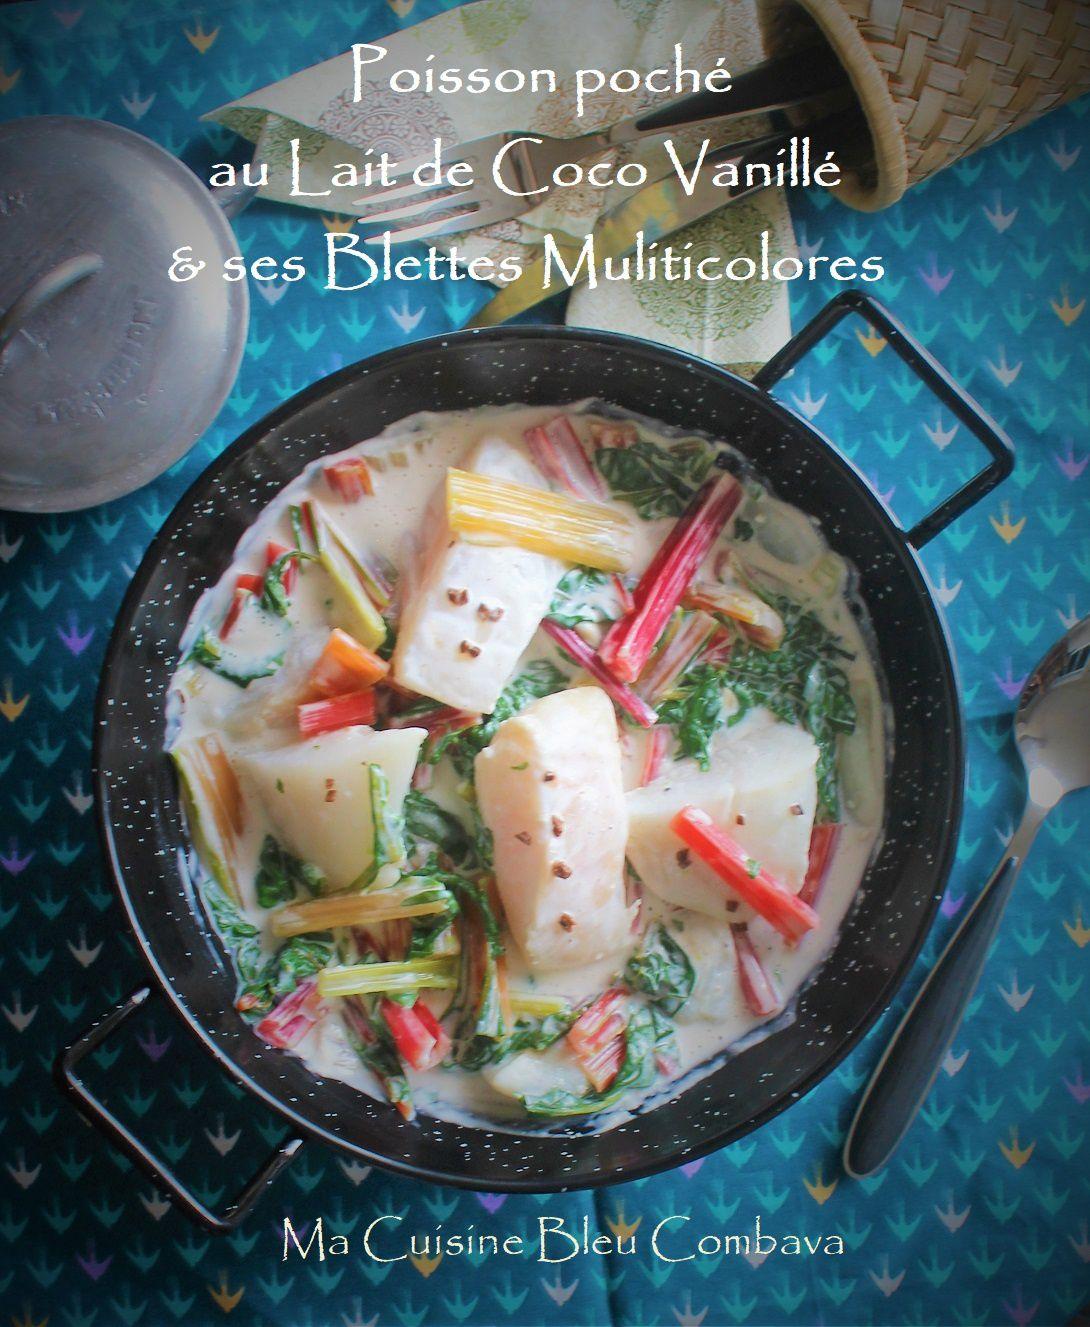 Poisson Poché au Lait de Coco Vanillé & ses Blettes Multicolores